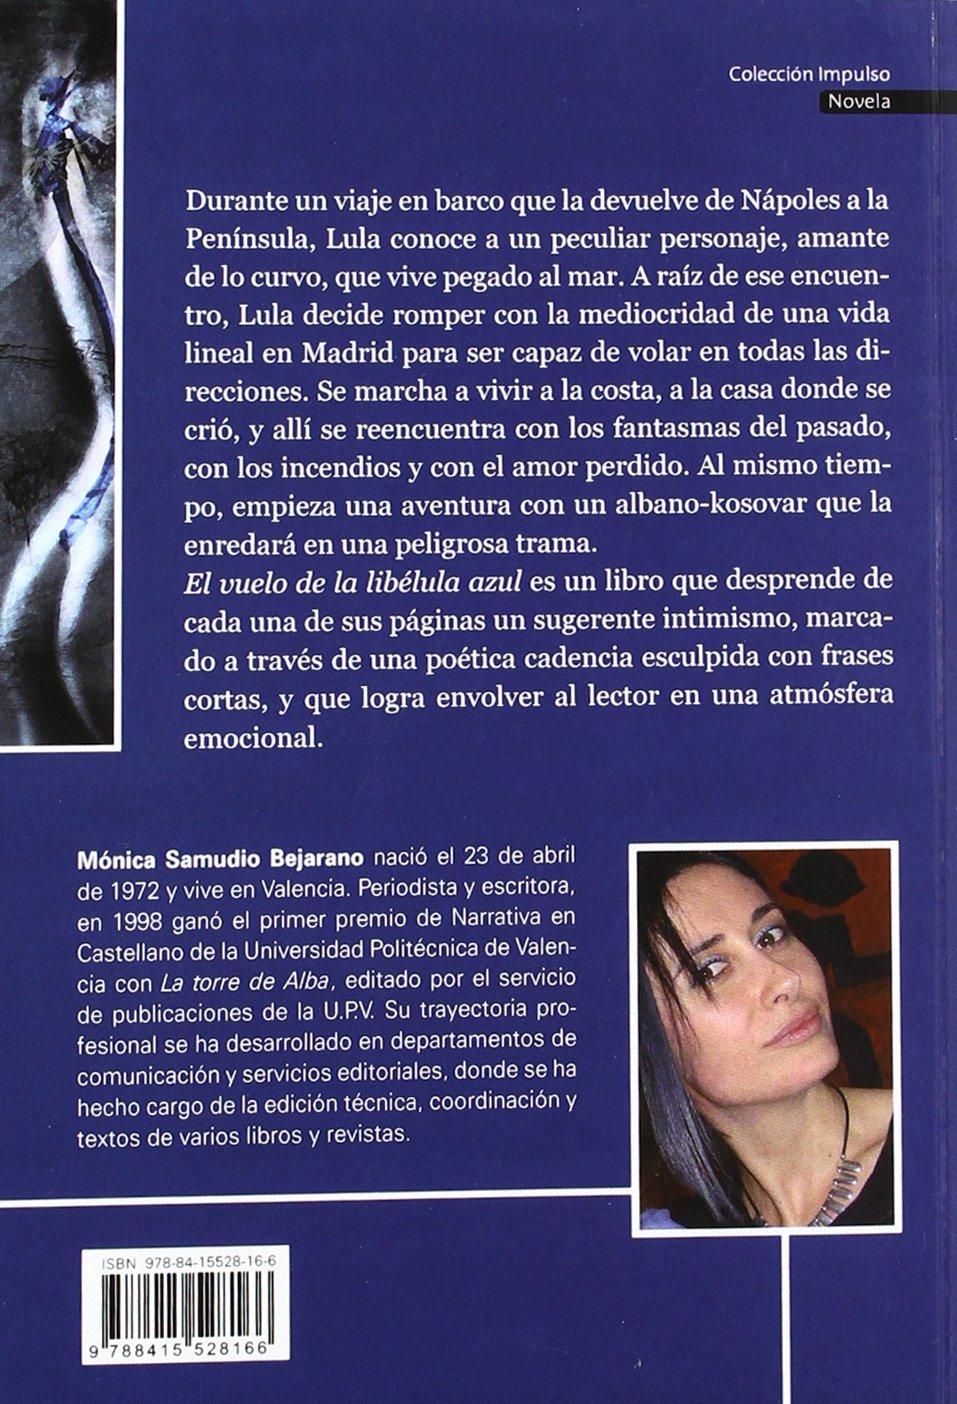 El vuelo de la libélula azul (Colección Impulso nº 48) (Spanish Edition)